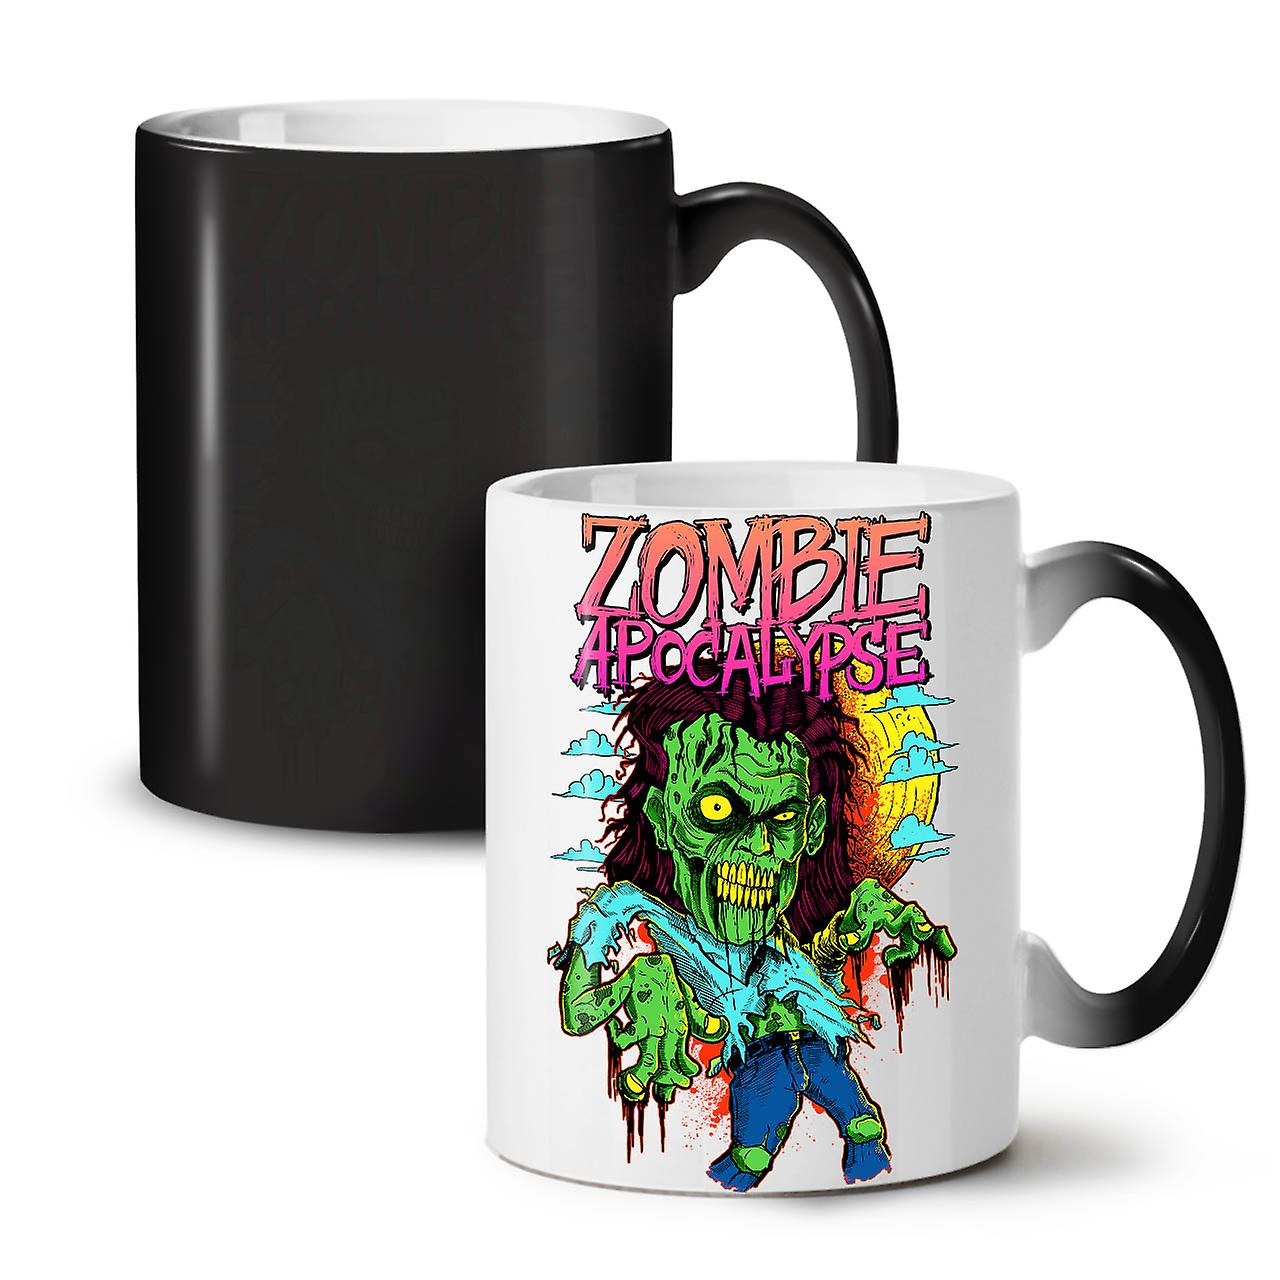 Céramique 11 OzWellcoda Nouveau Tasse Zombie Noir Apocalypse Horreur Changeant Café Thé Coloris n0OkP8w